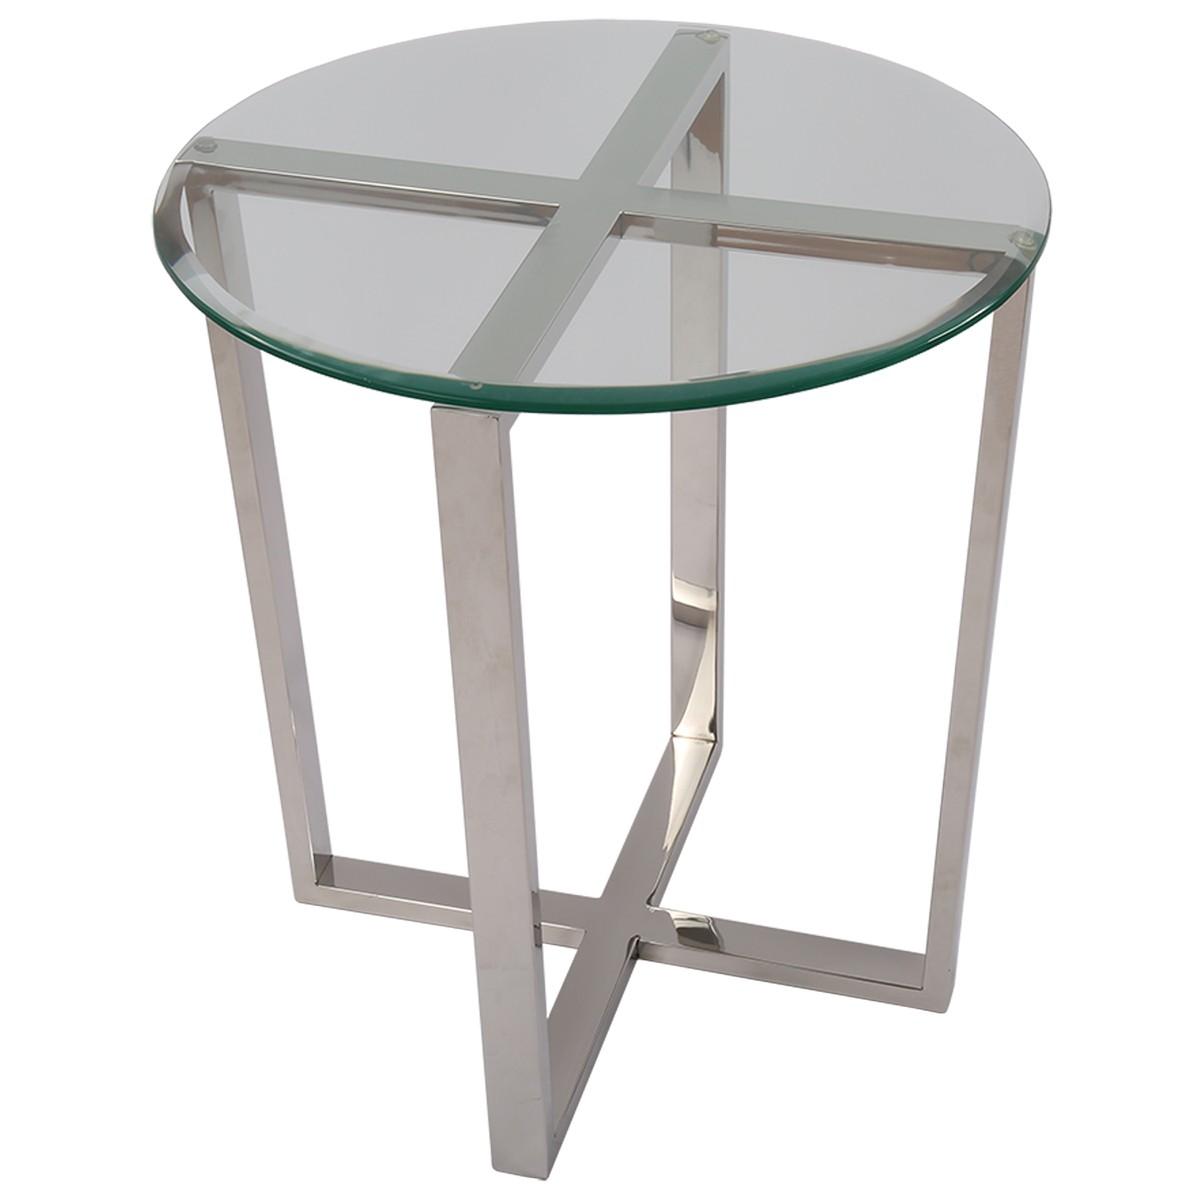 Wunderschön Beistelltisch Rund Glas Referenz Von